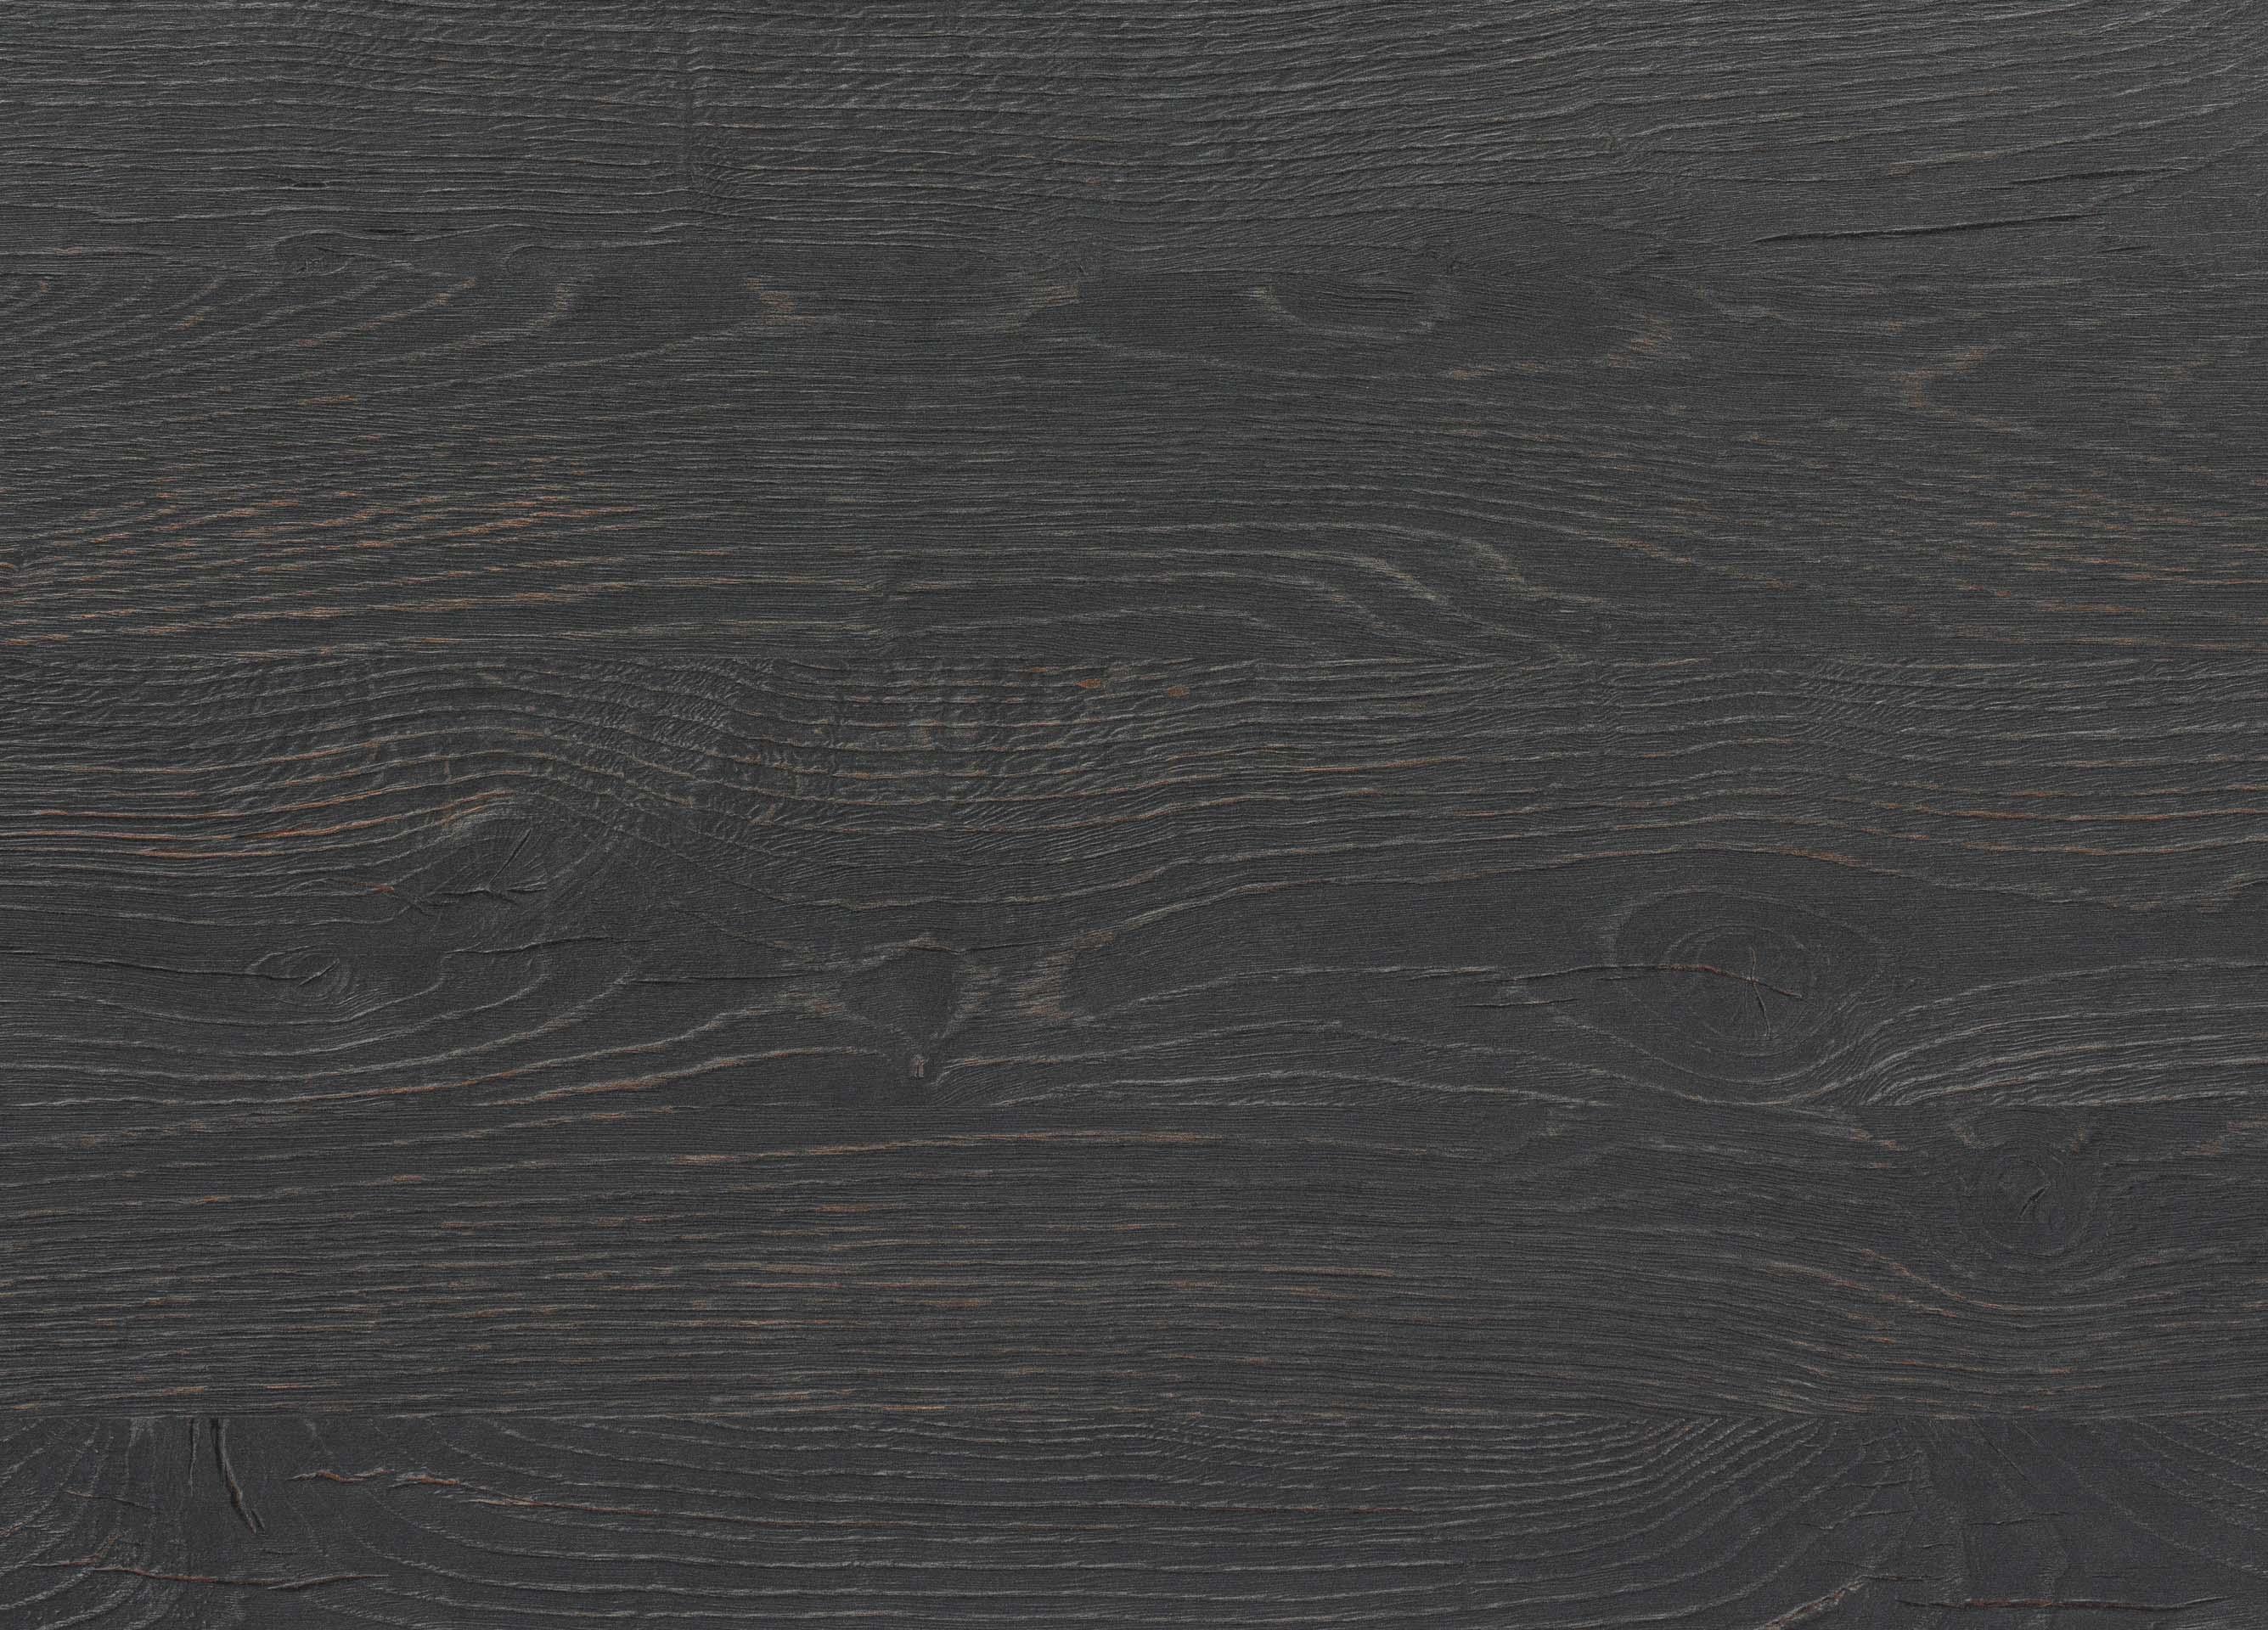 Мебельный щит № 294Ф Обожённый дуб 6 мм